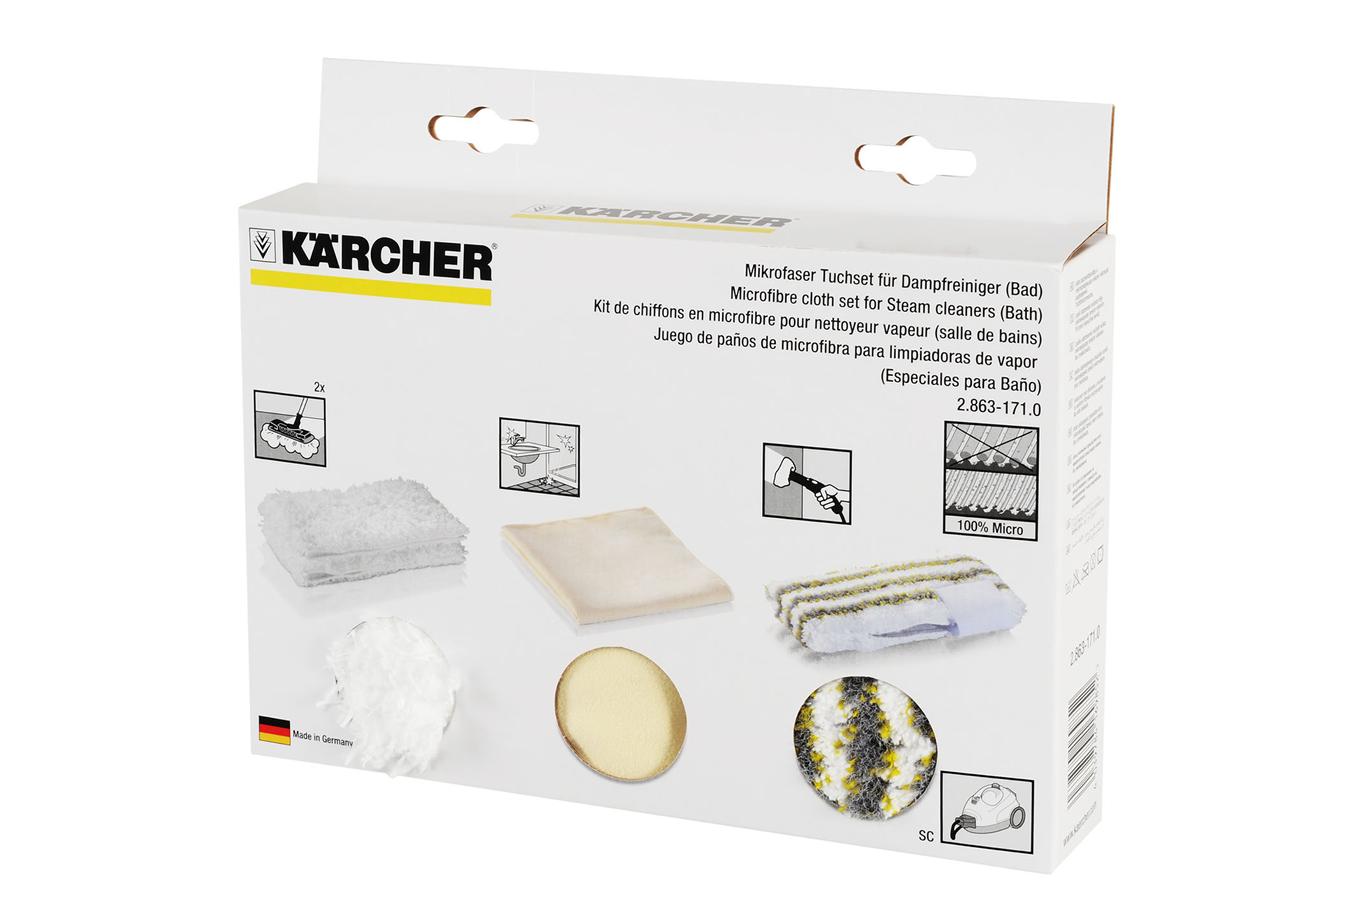 accessoire nettoyeur vapeur karcher kit salle de bain 2. Black Bedroom Furniture Sets. Home Design Ideas